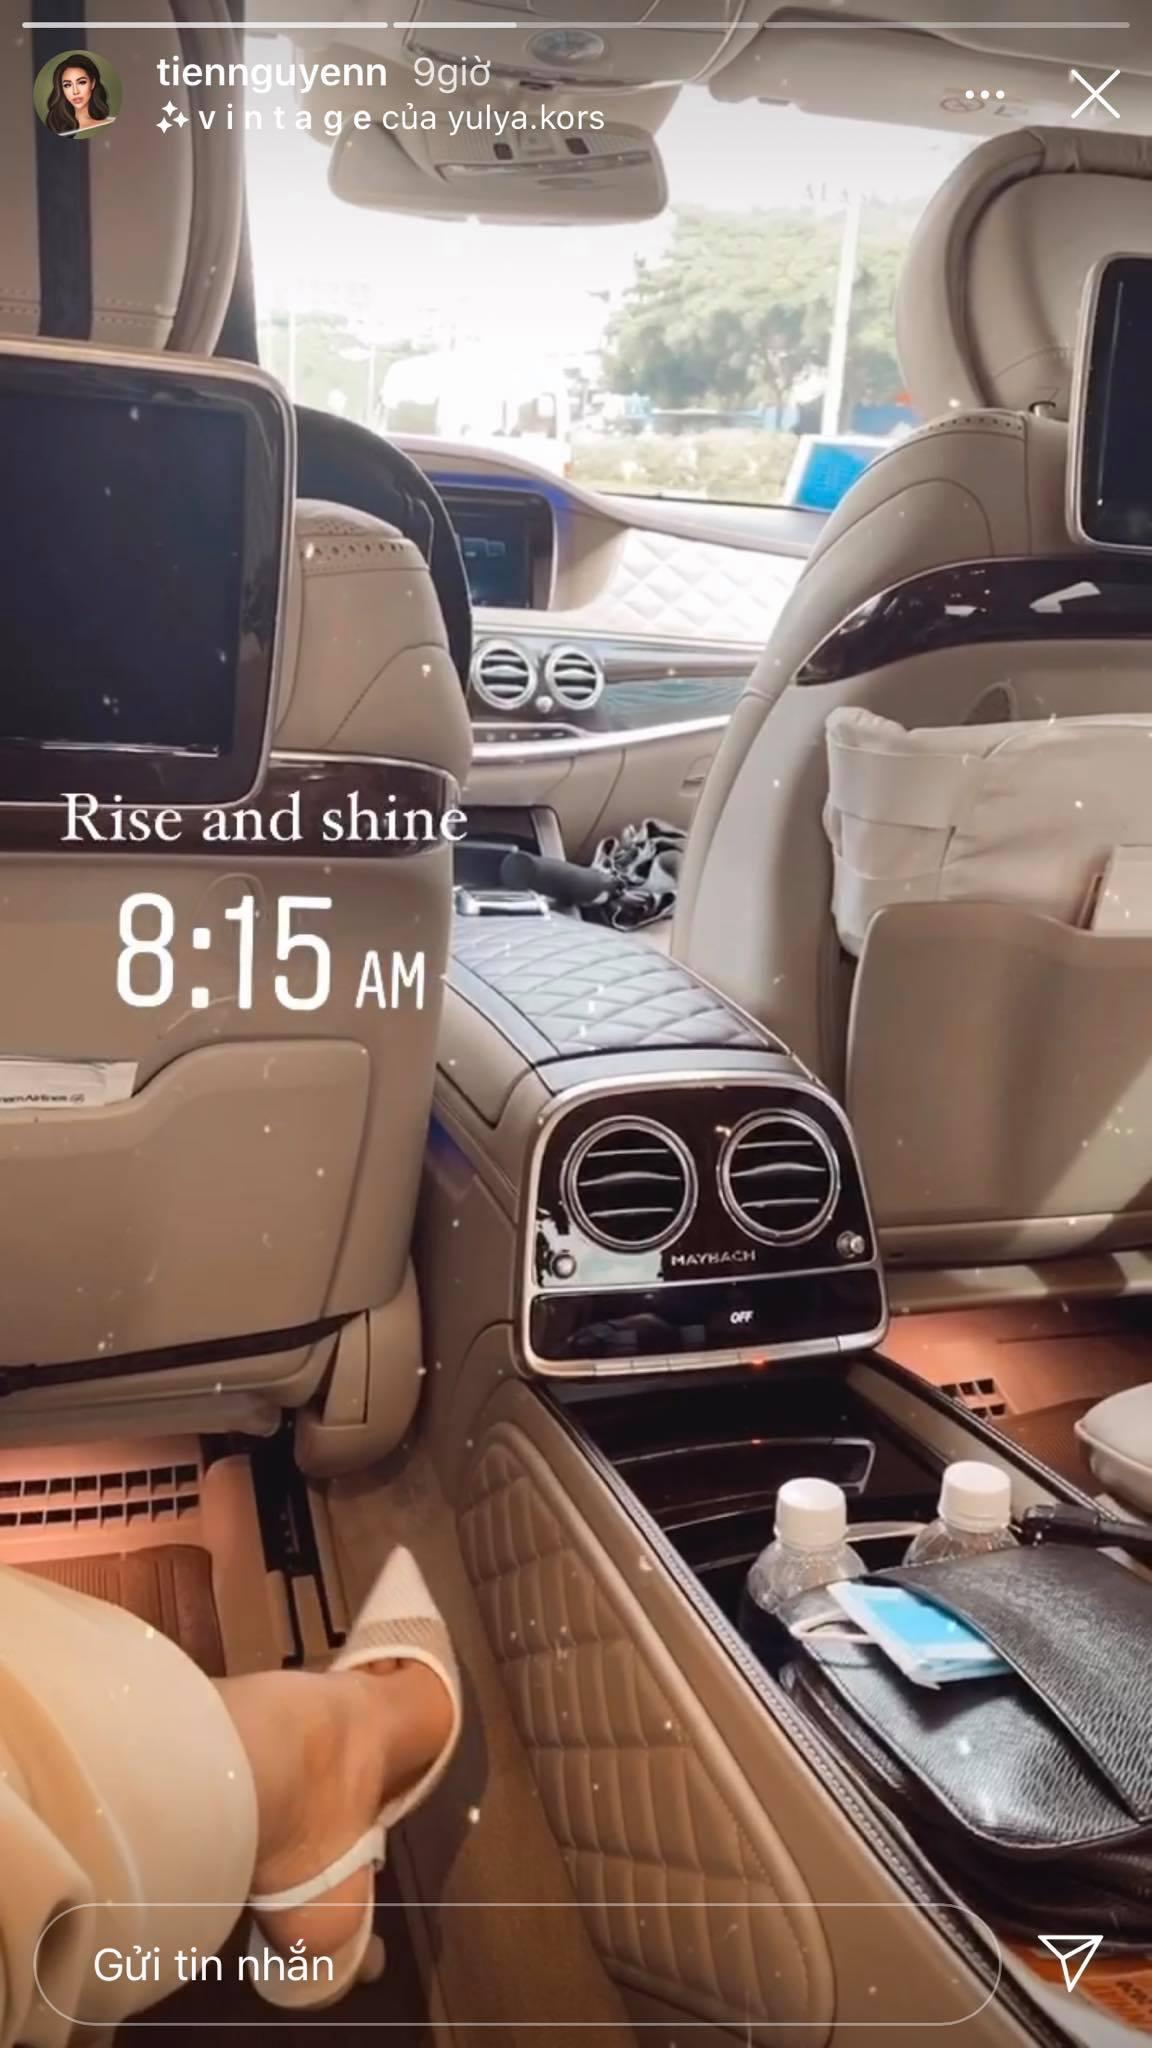 Nàng rich kid Tiên Nguyễn lần đầu hé lộ nội thất bên trong chiếc xe hơi đang sử dụng.